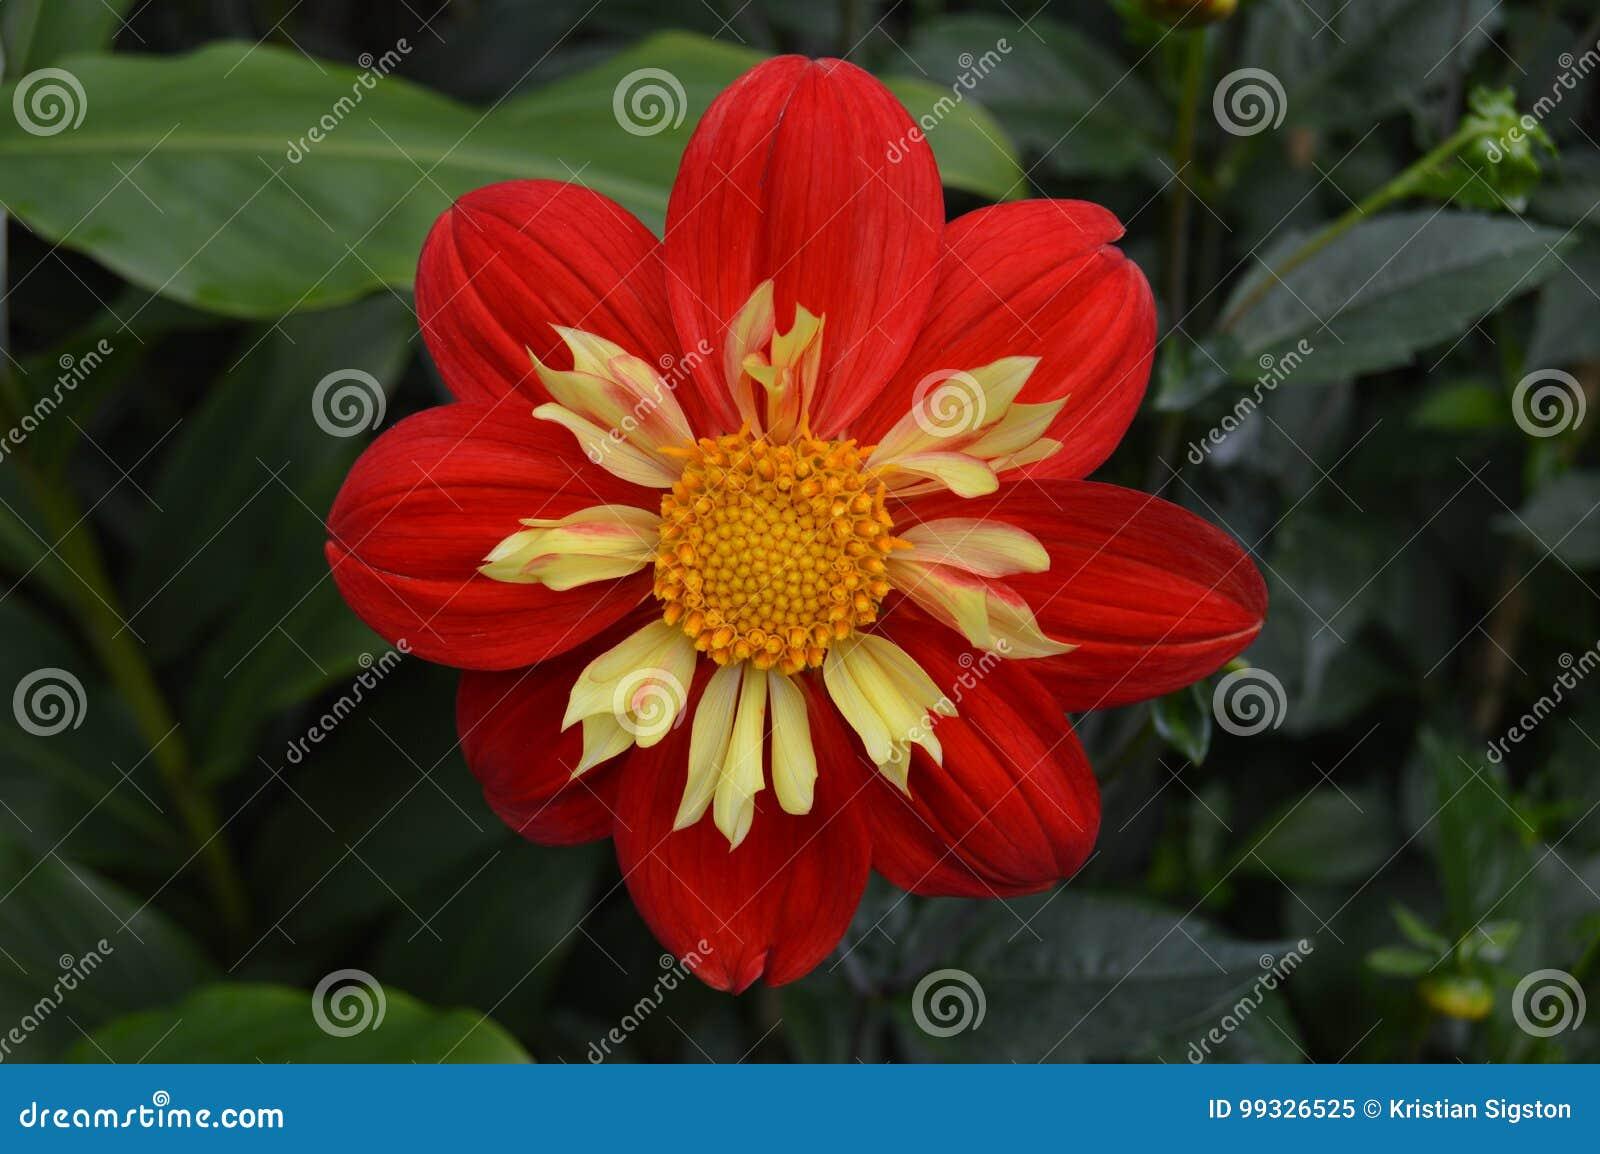 Fleur Rouge Avec Le Jaune A L Interieur Image Stock Image Du Rouge